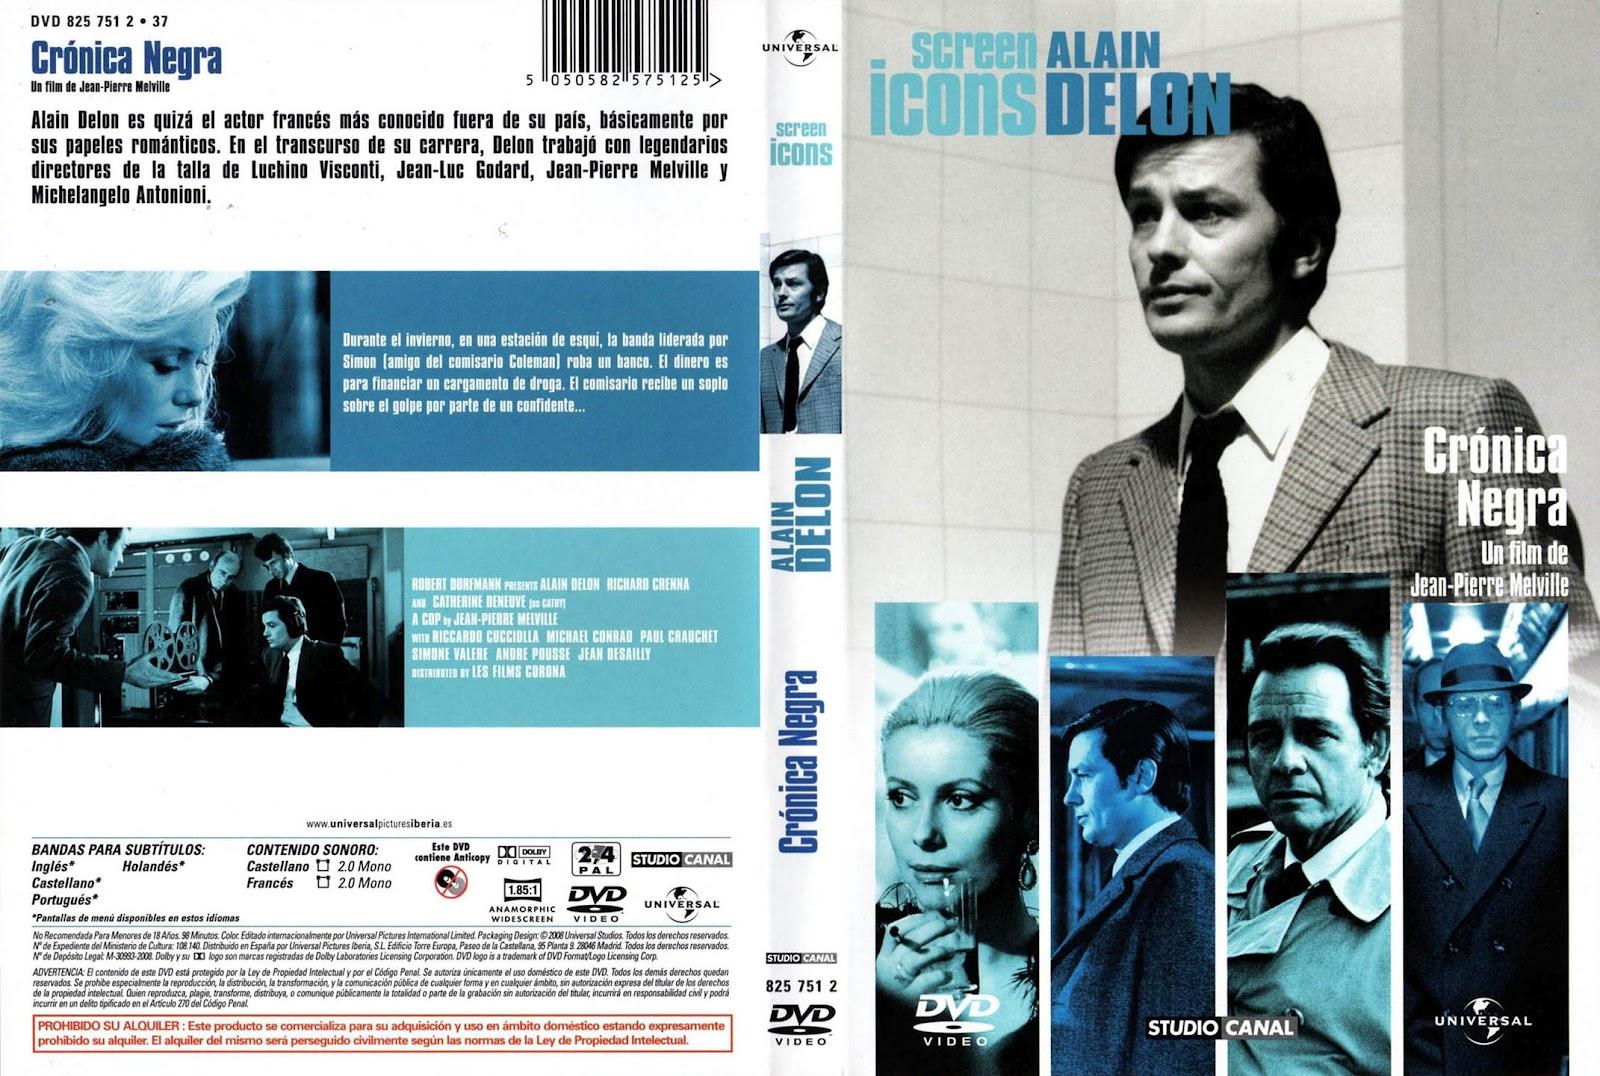 Crónica negra (1972 - Un flic)